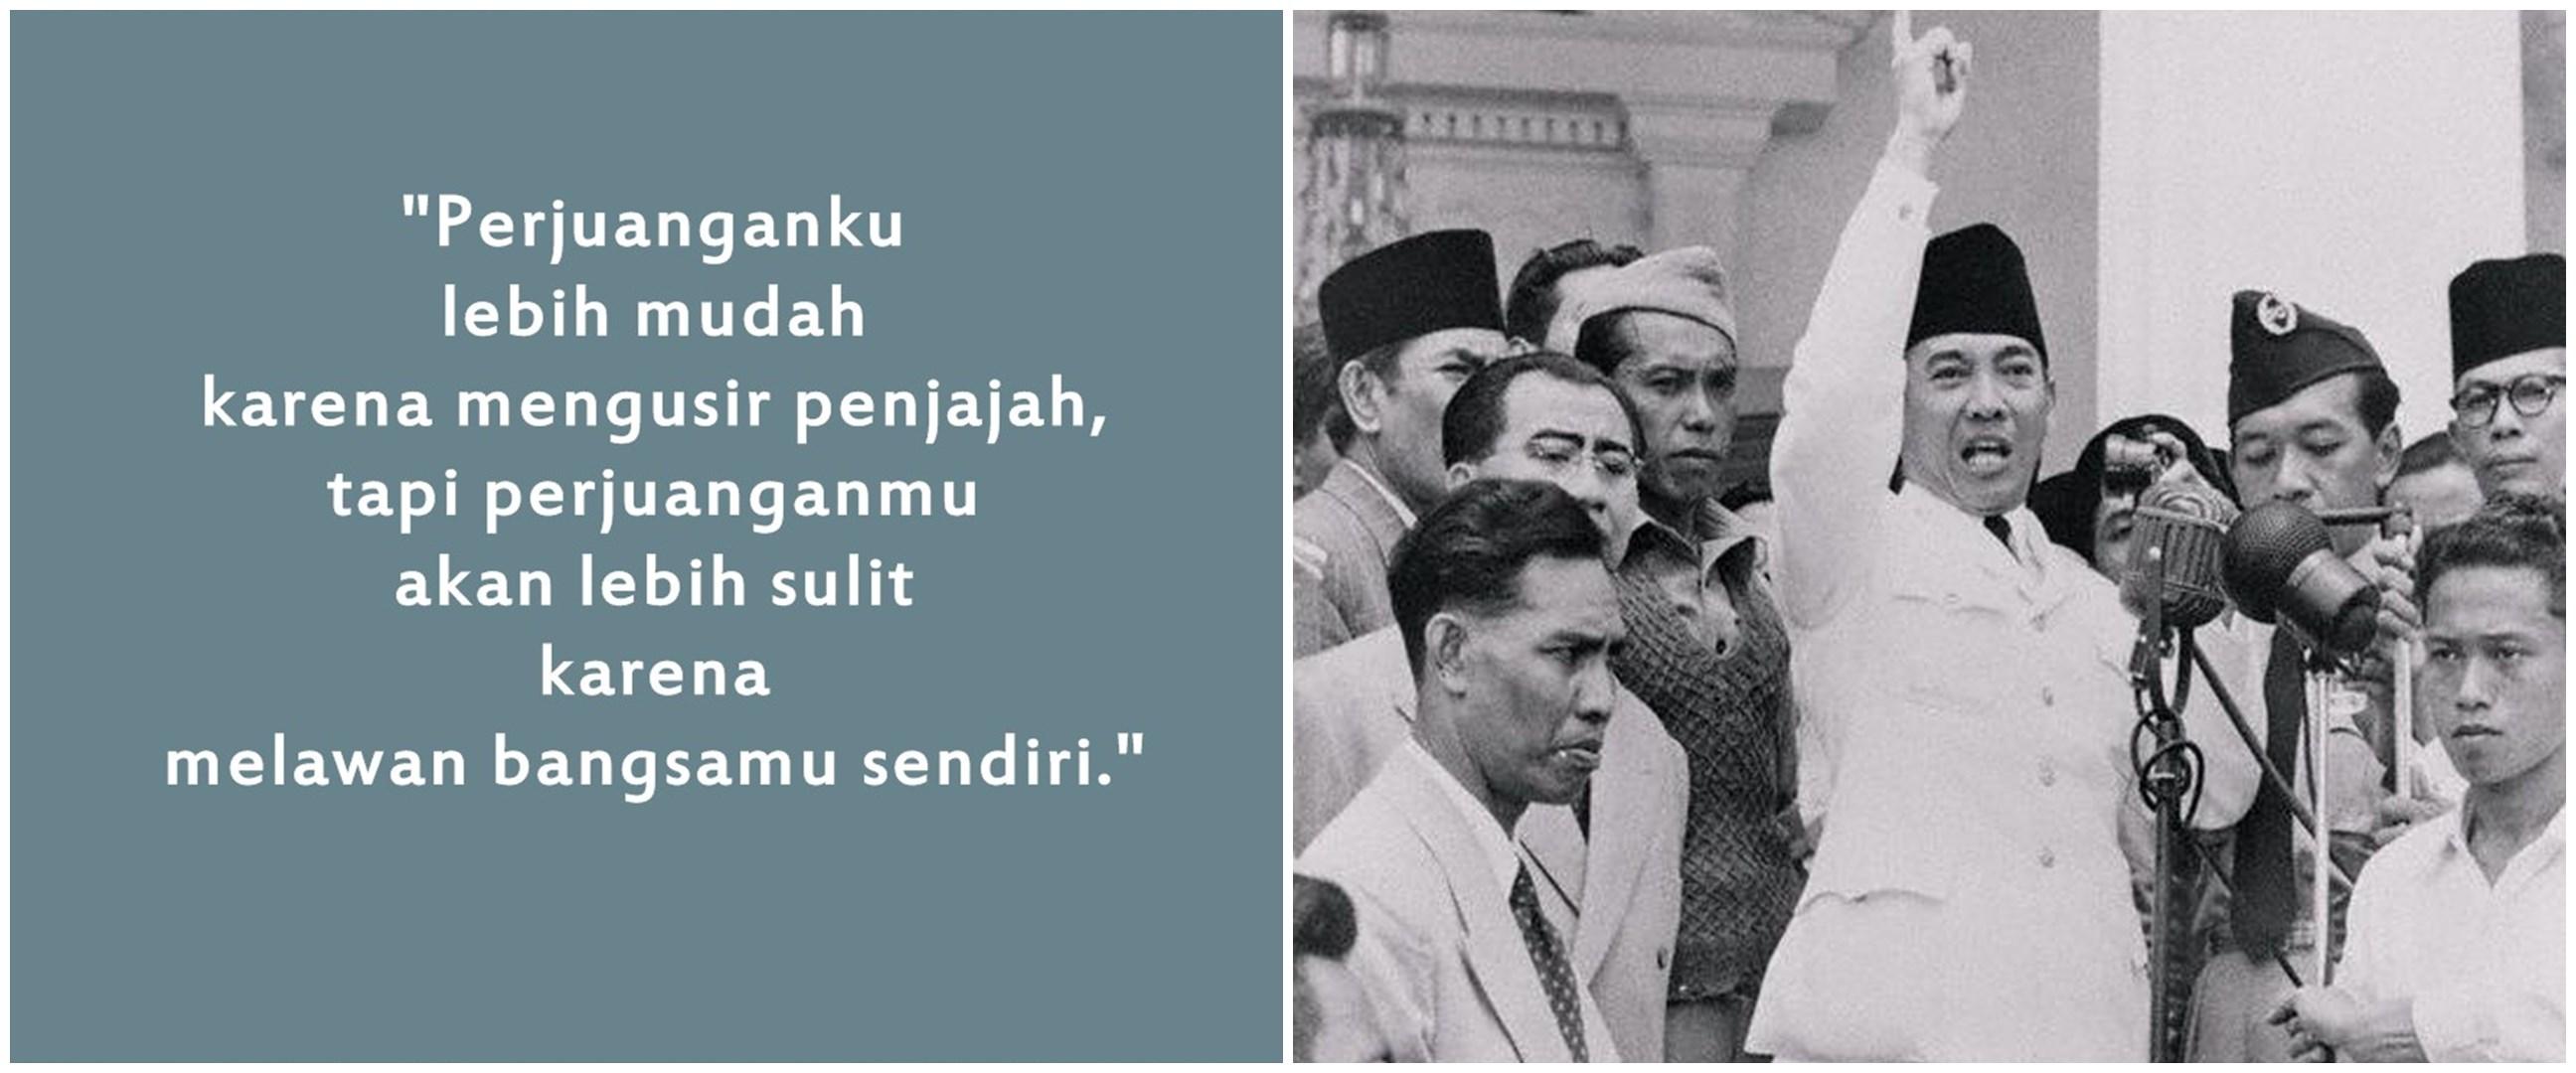 50 Kata-kata motivasi Bung Karno, cocok untuk hari kemerdekaan